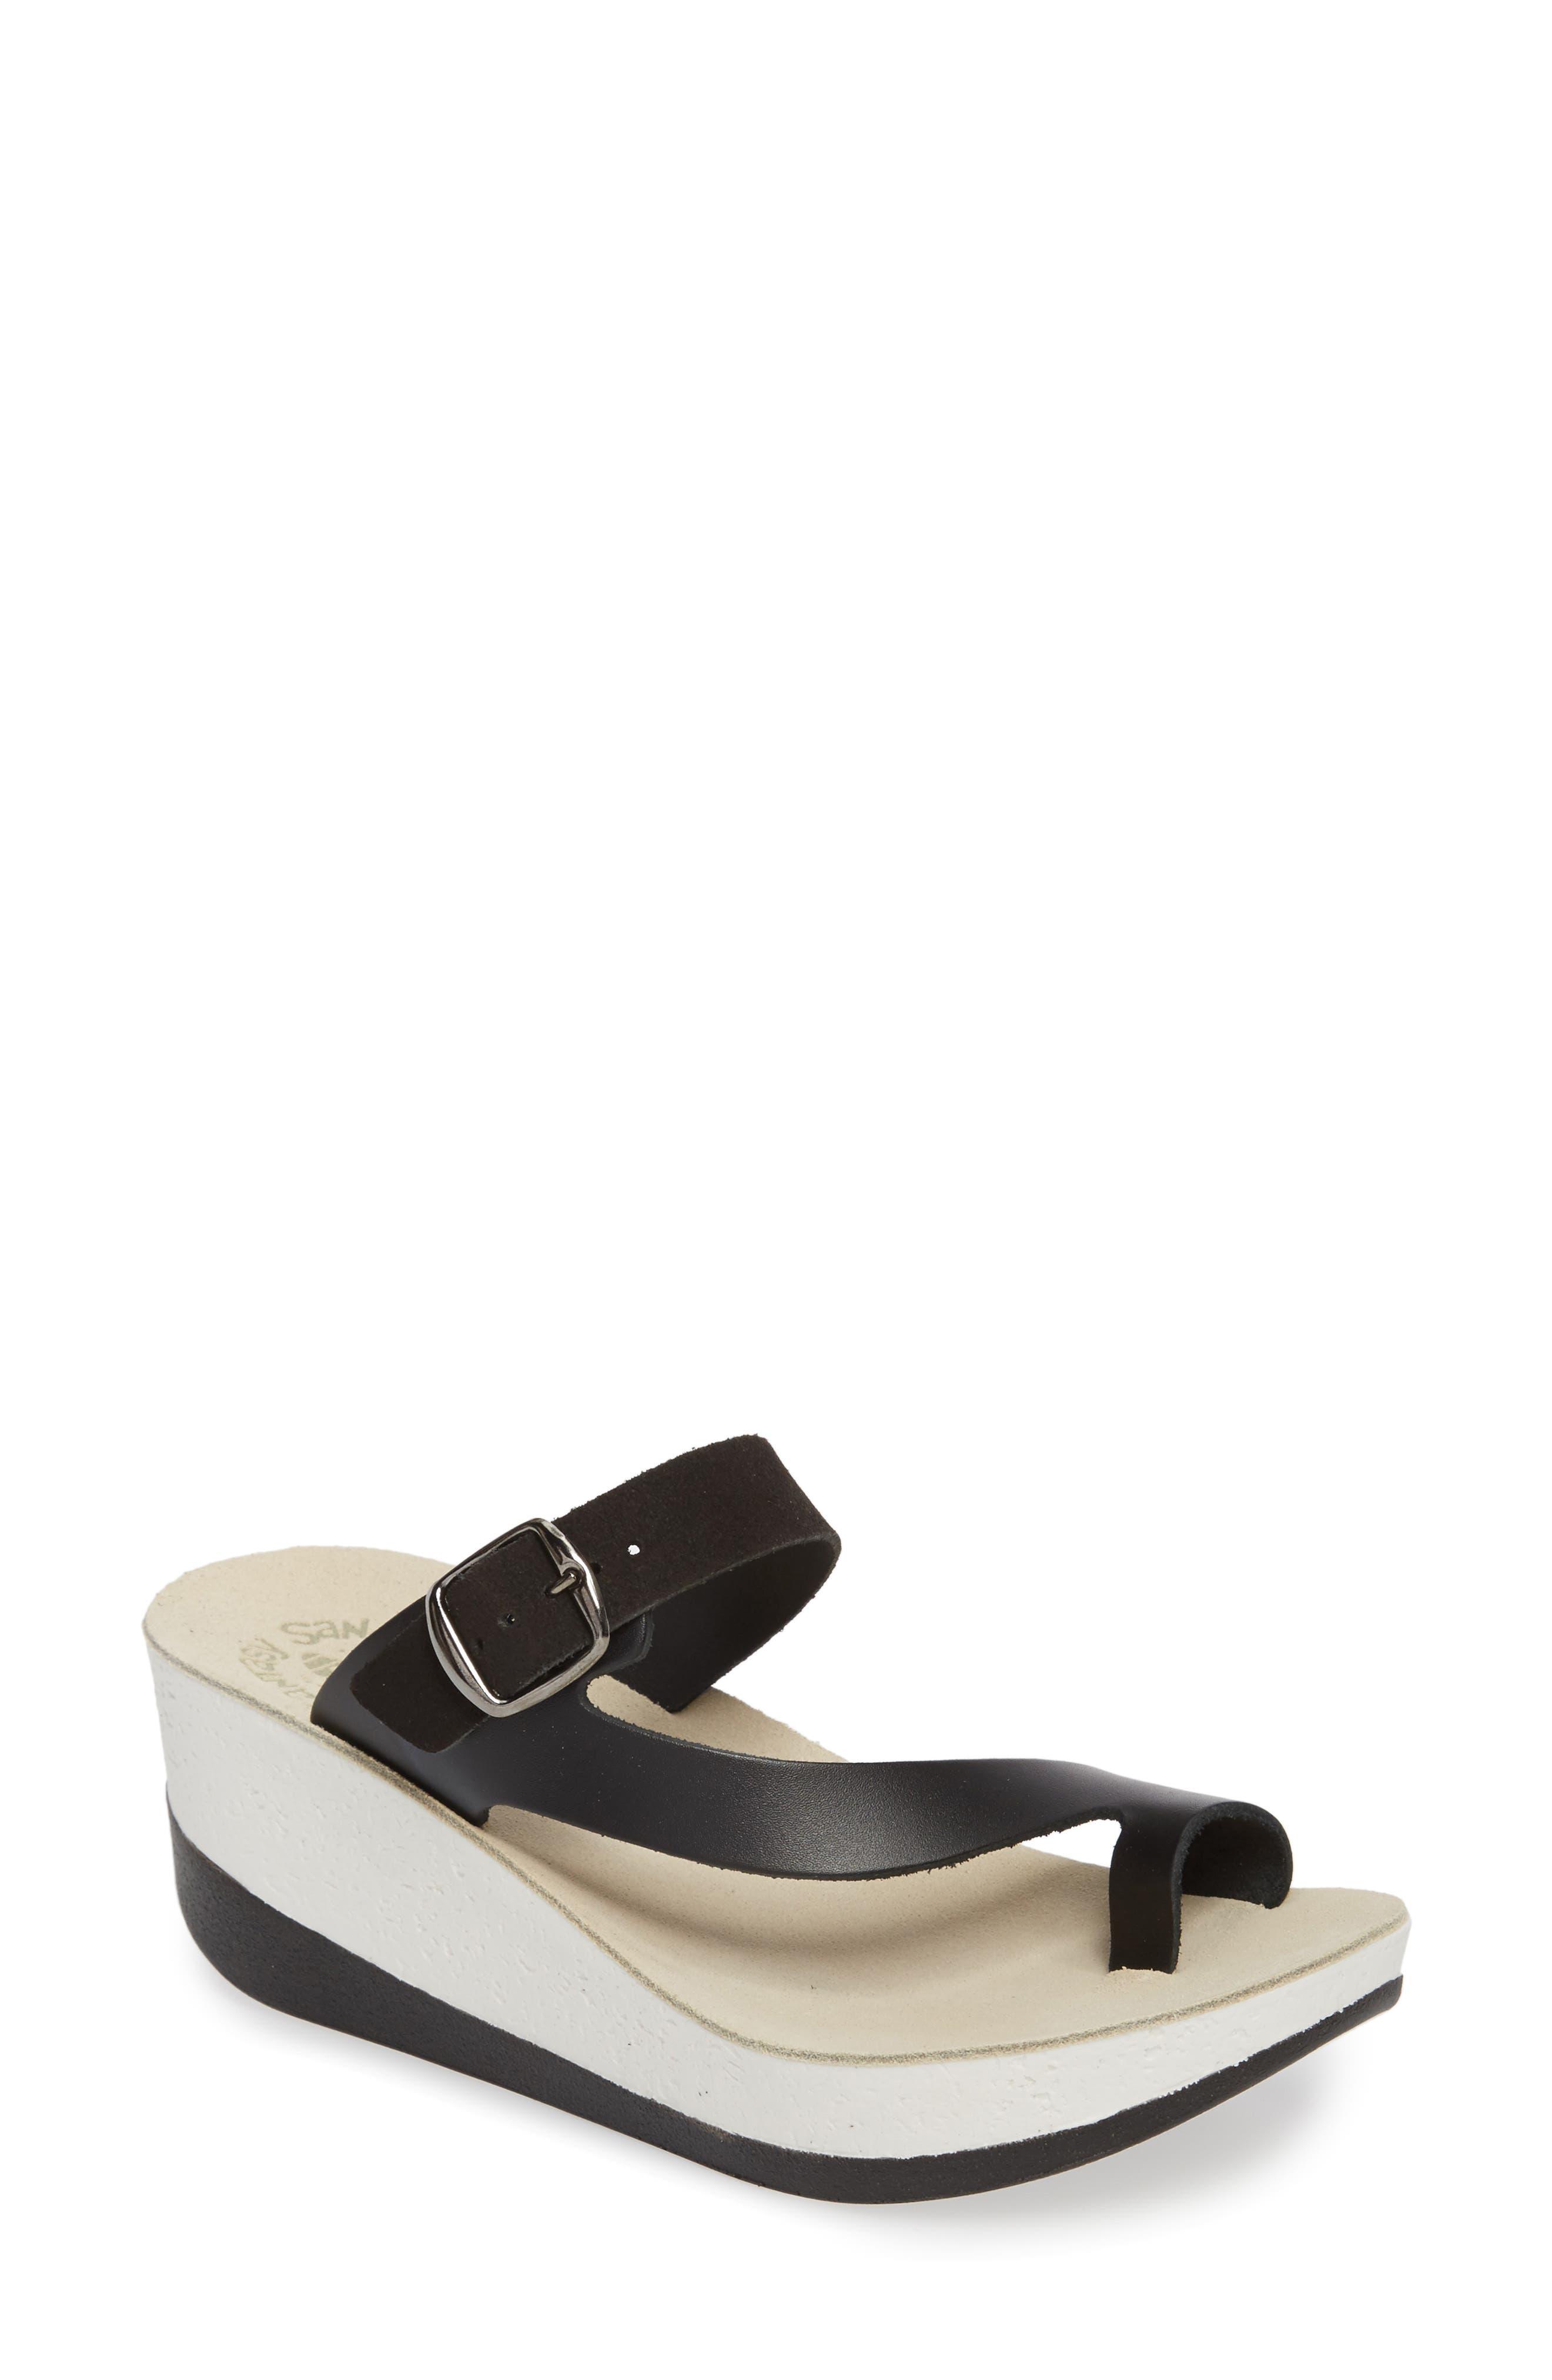 Felisa Wedge Sandal